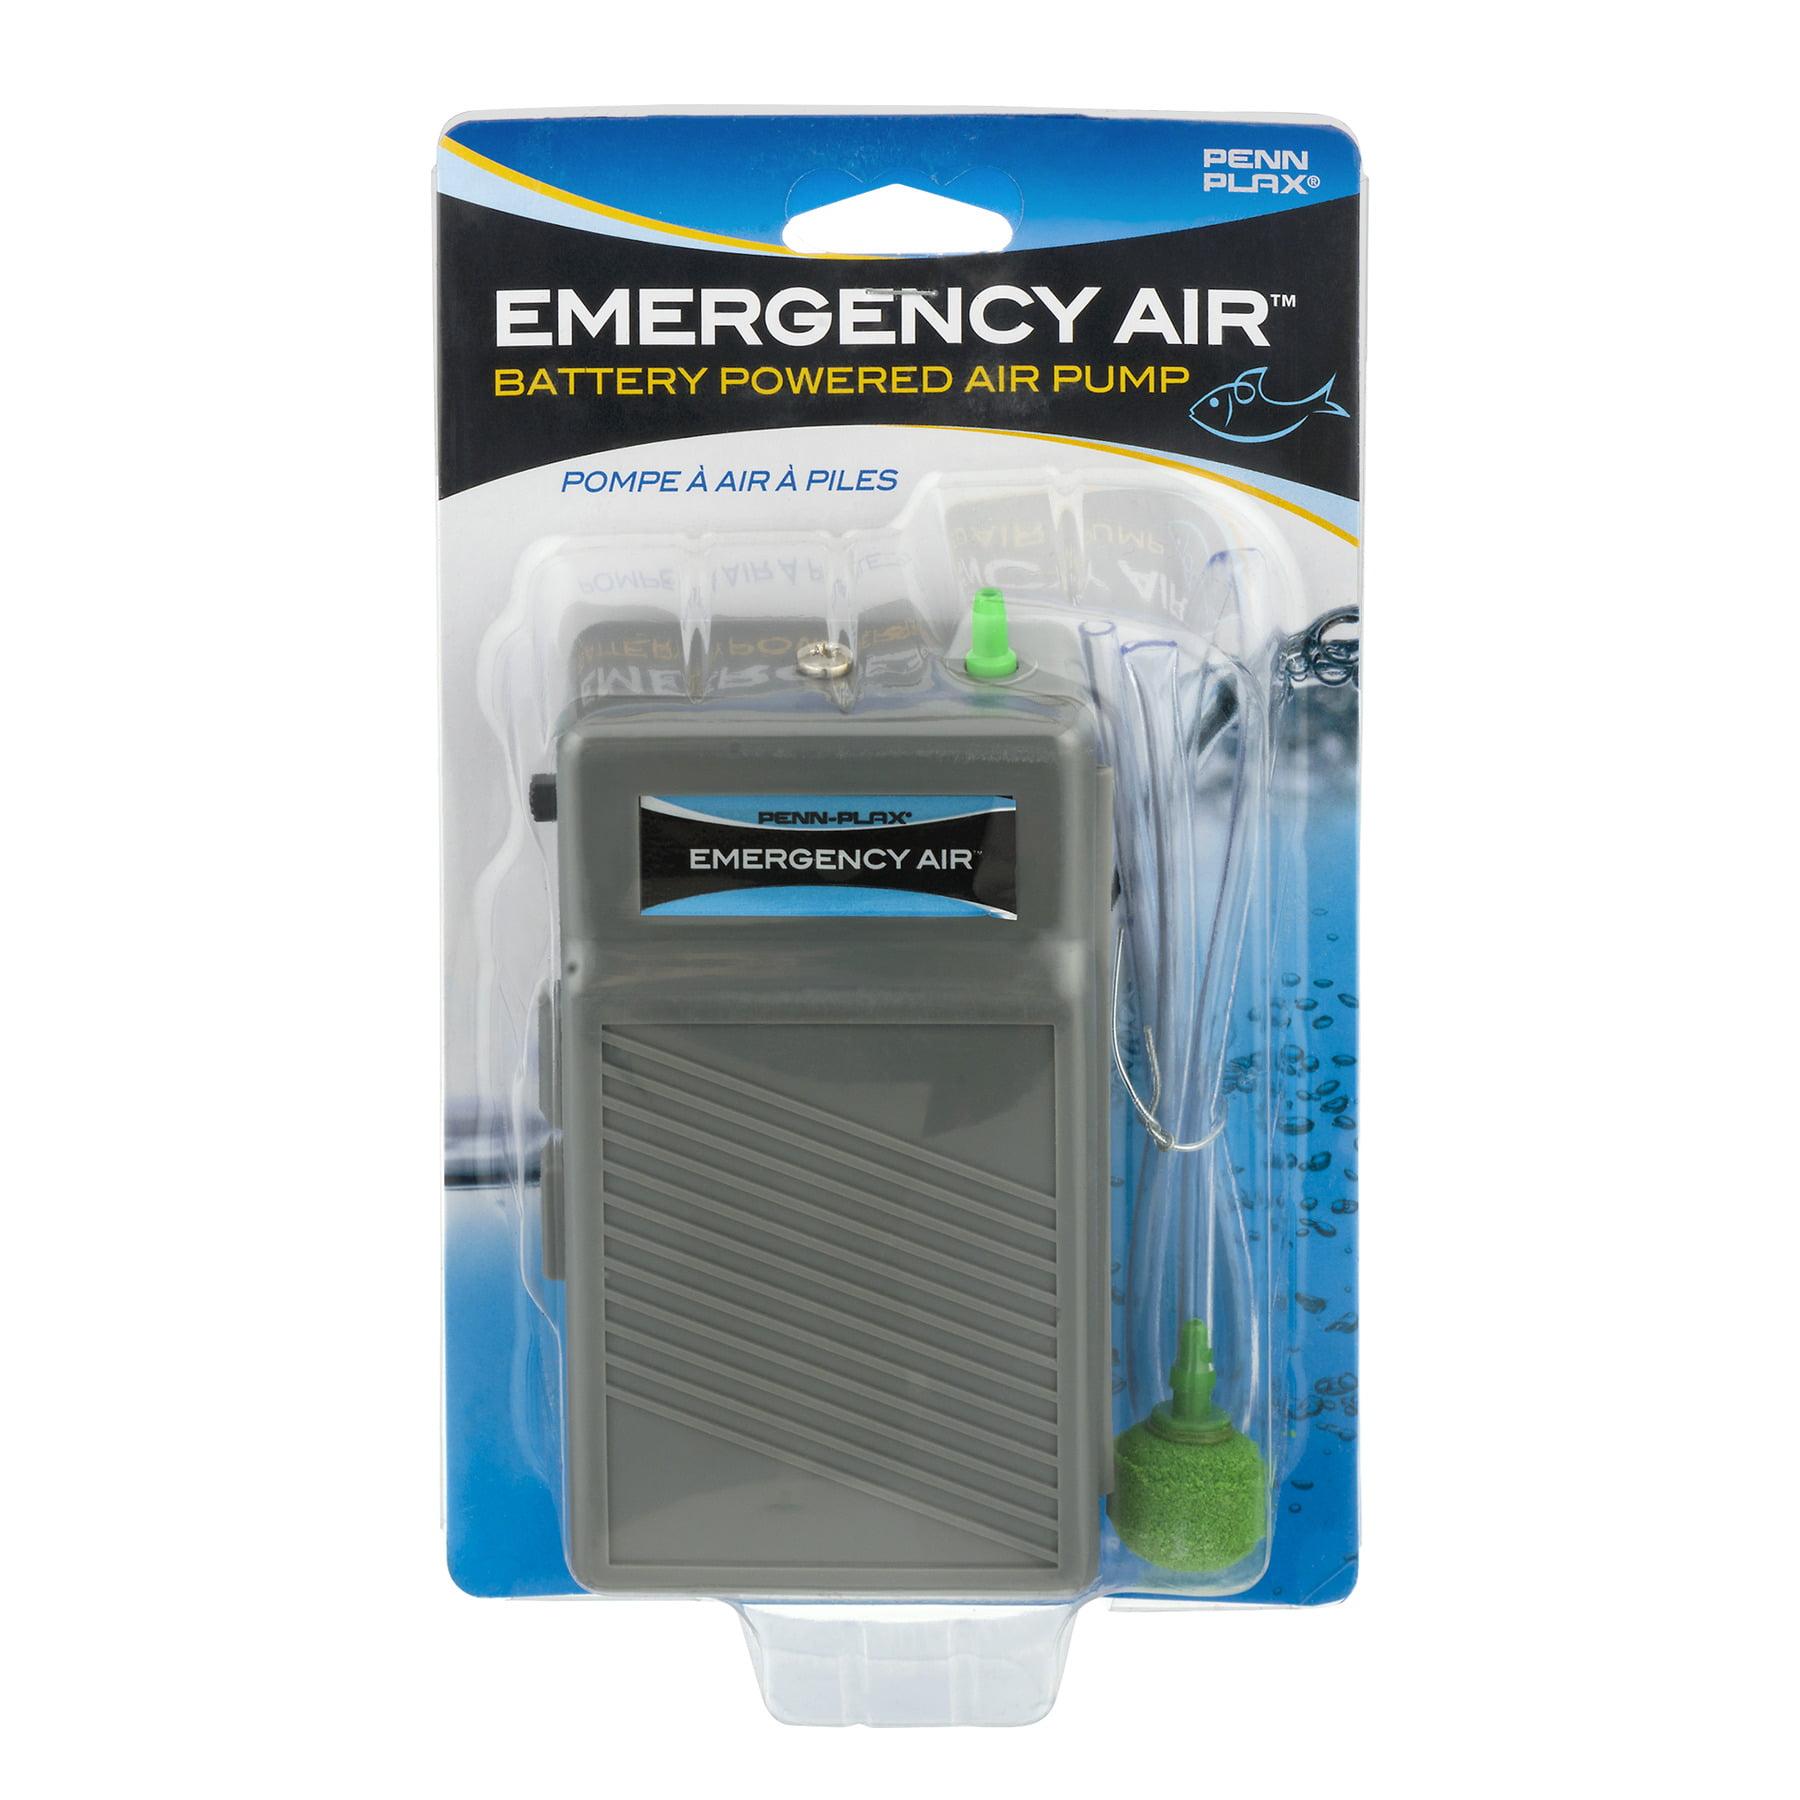 Penn-Plax Emergency Air Battery Powered Air Pump, 1.0 CT